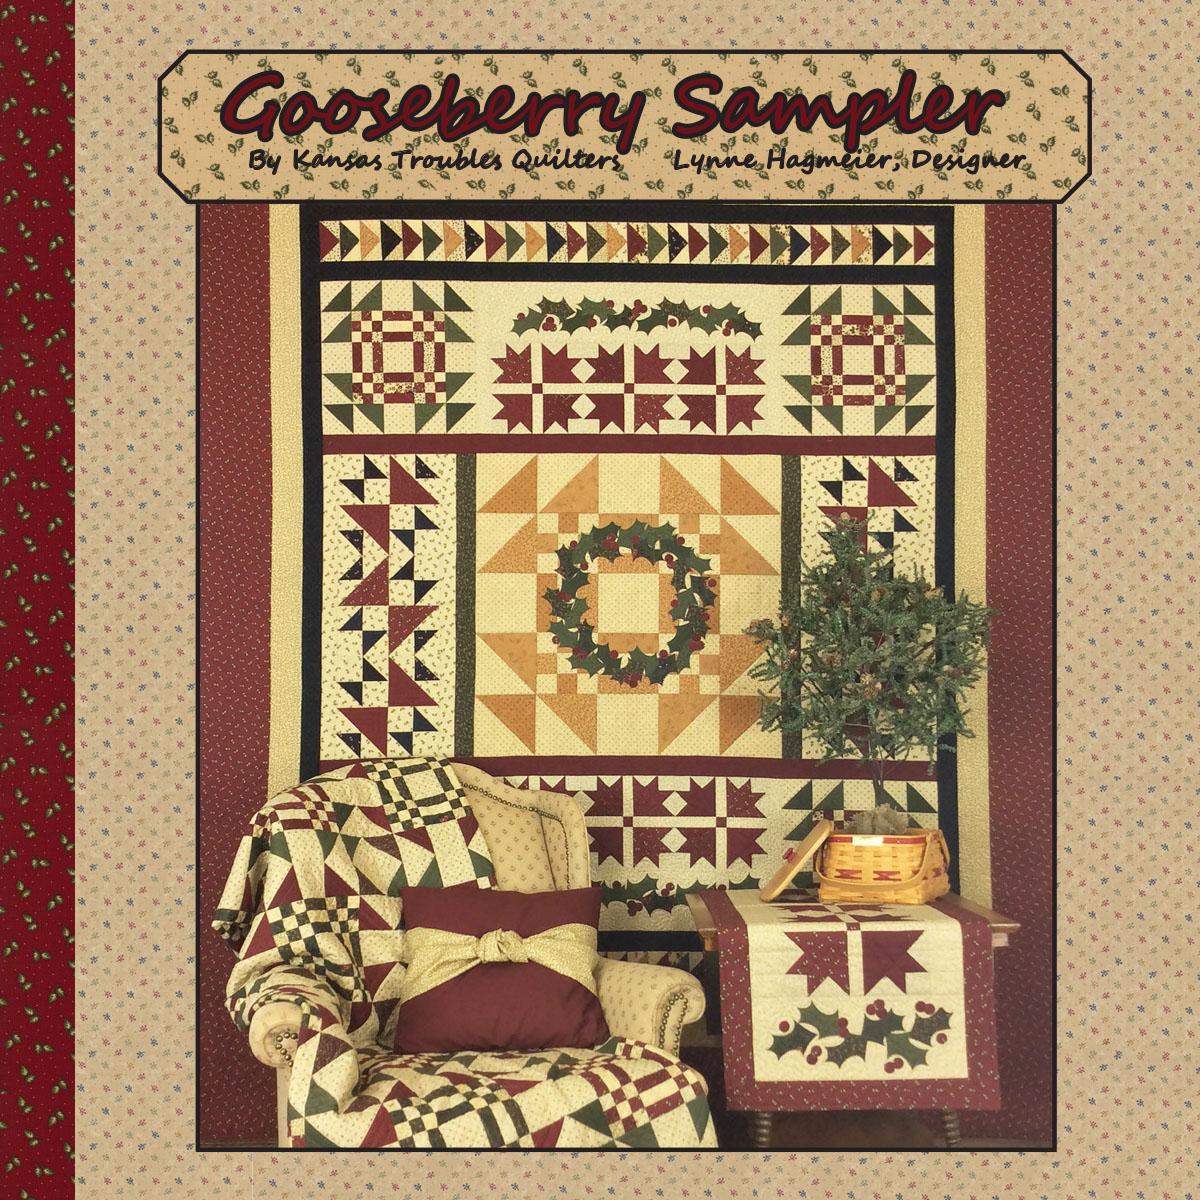 Gooseberry Sampler